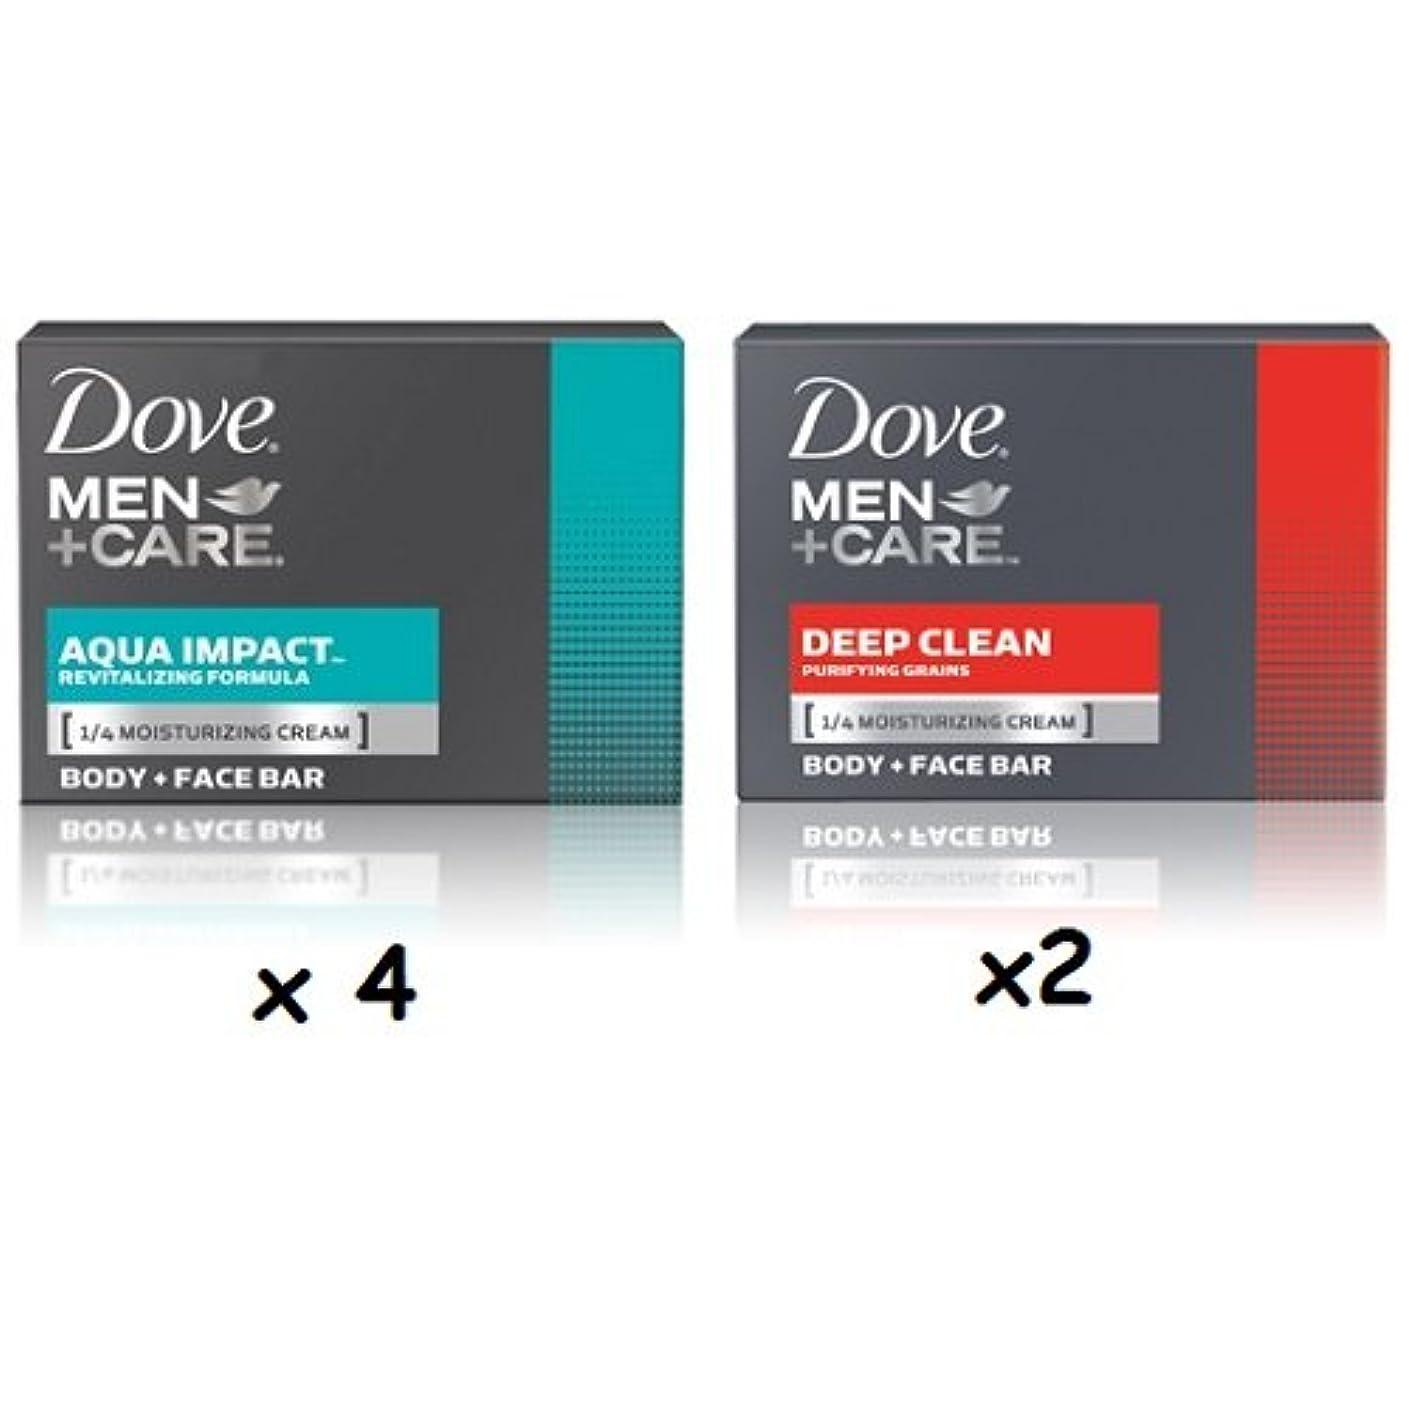 自体クスクス心のこもった【6個セット】Dove MEN+CARE Body&Face Bar Soap (4ozx6) ダヴ メンズプラスケア 体&顔用の固形石鹸(113gx6)(Deep Clean 4個とAqua Impact2個 合計6個セット)